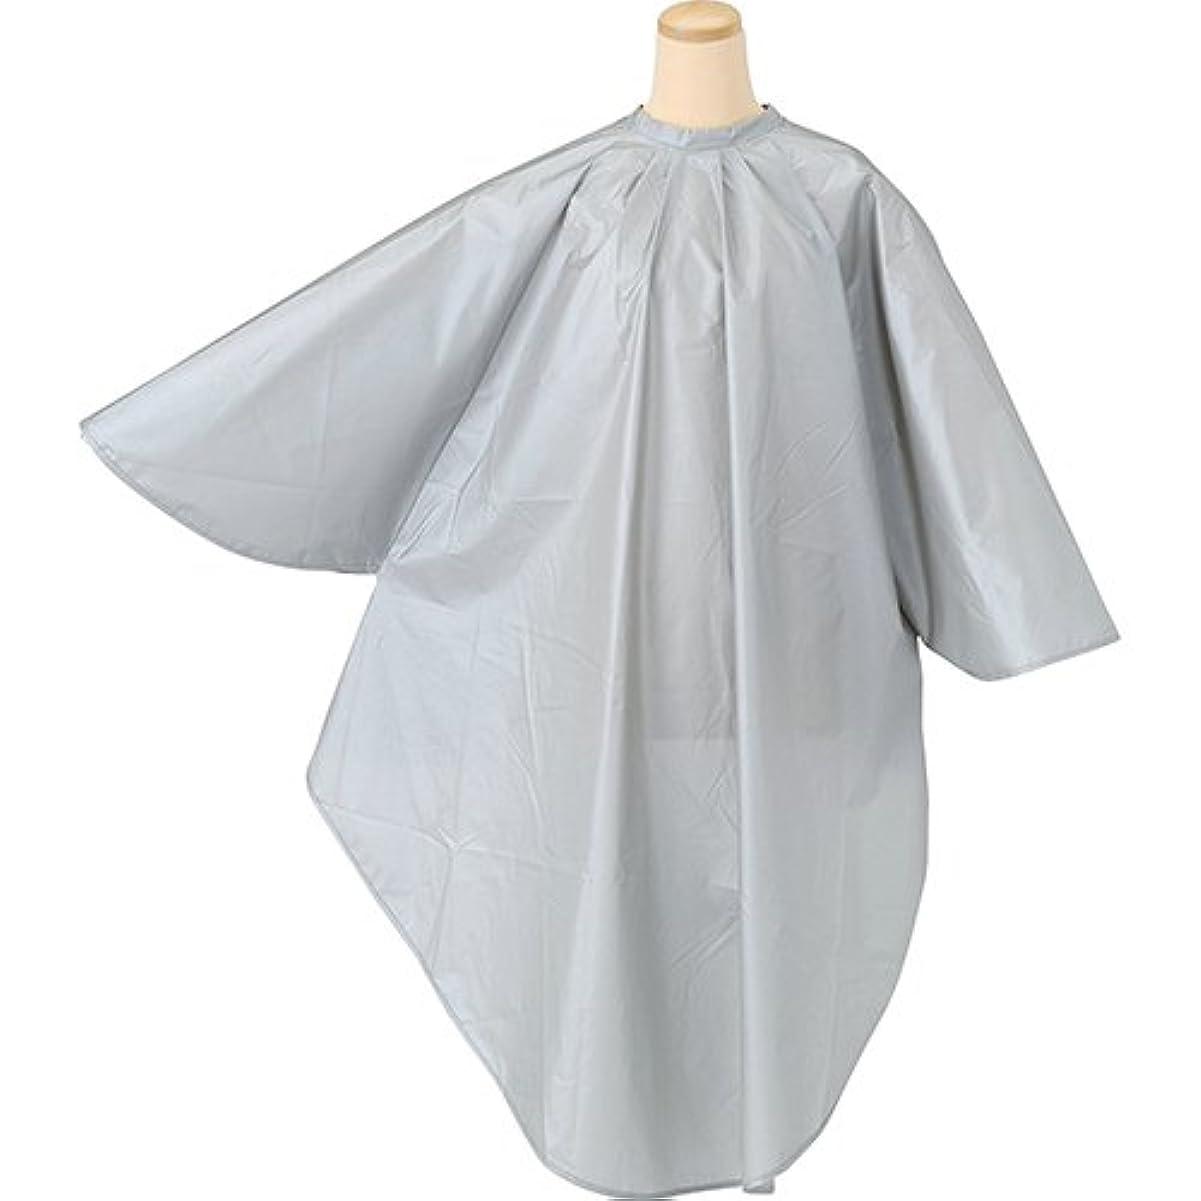 政治的性格合法TBG 袖付きカットクロスATD グレー